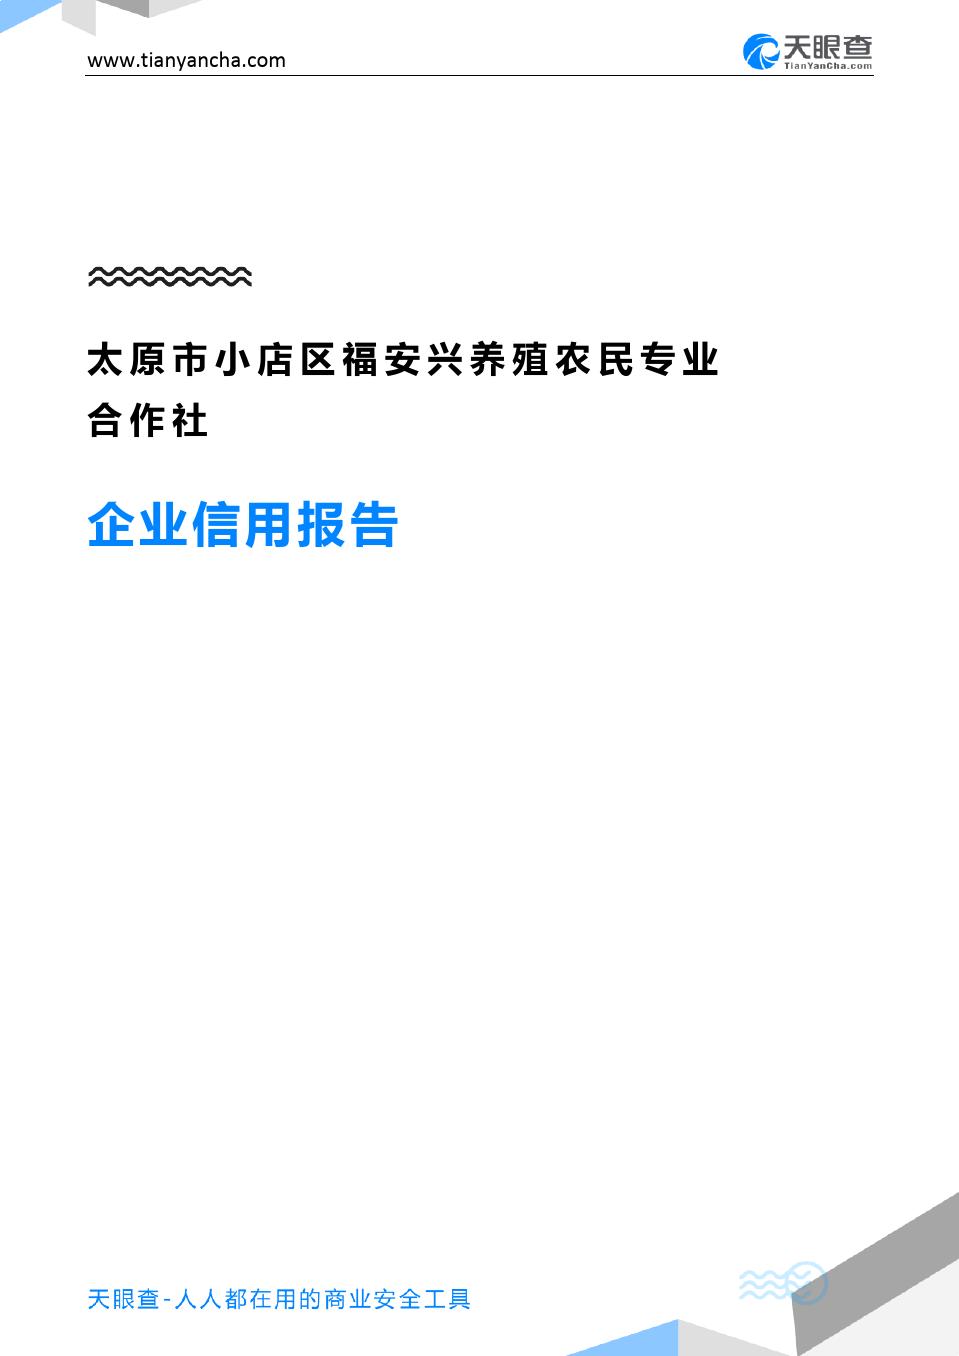 太原市小店区福安兴养殖农民专业合作社(企业信用报告)- 天眼查